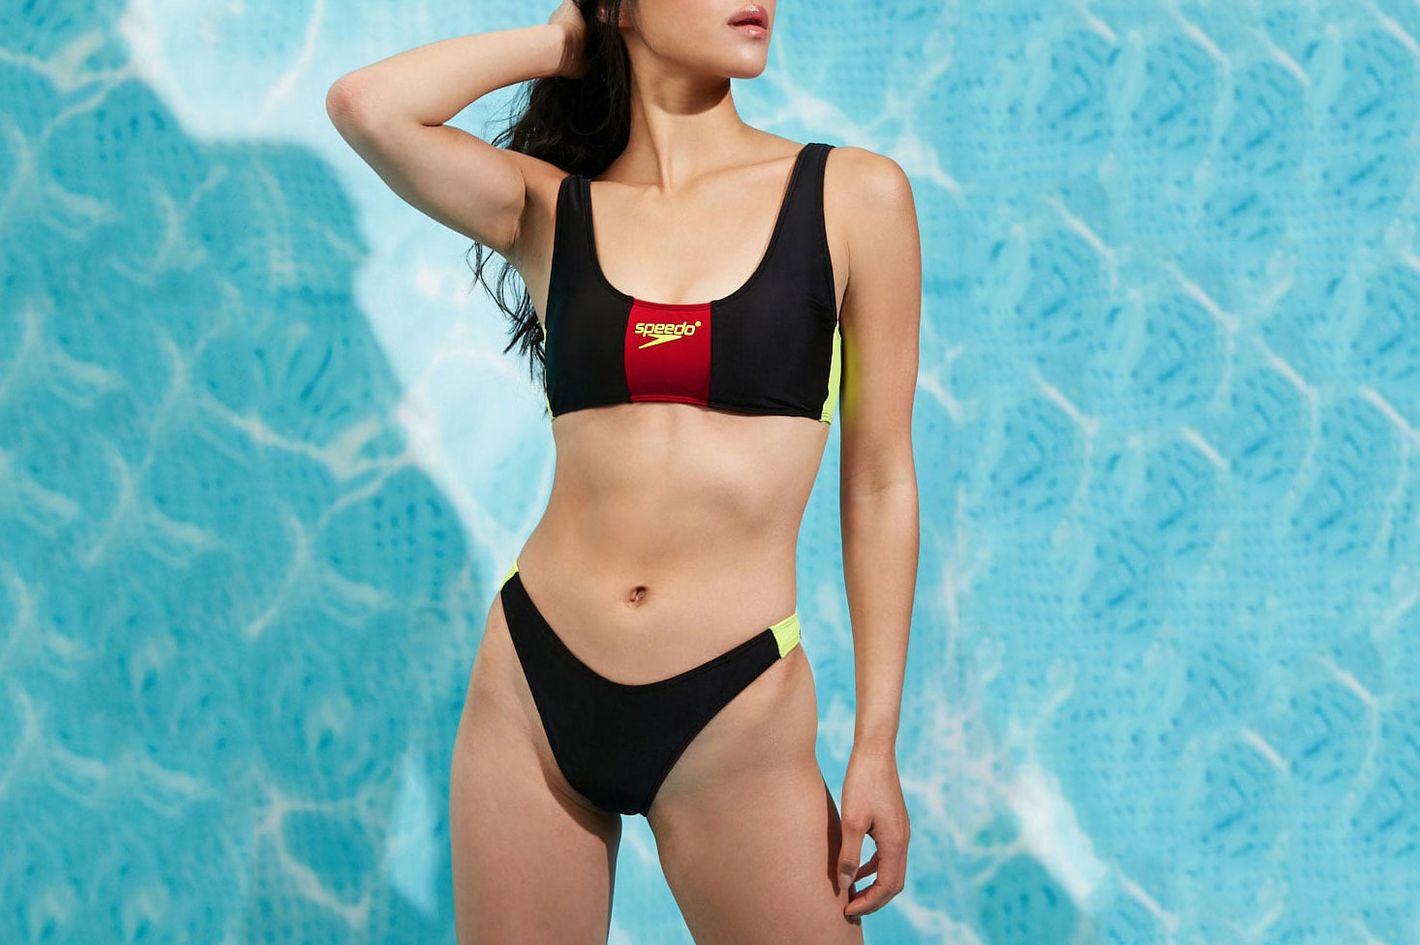 Forever 21 x Speedo Graphic Bikini Top